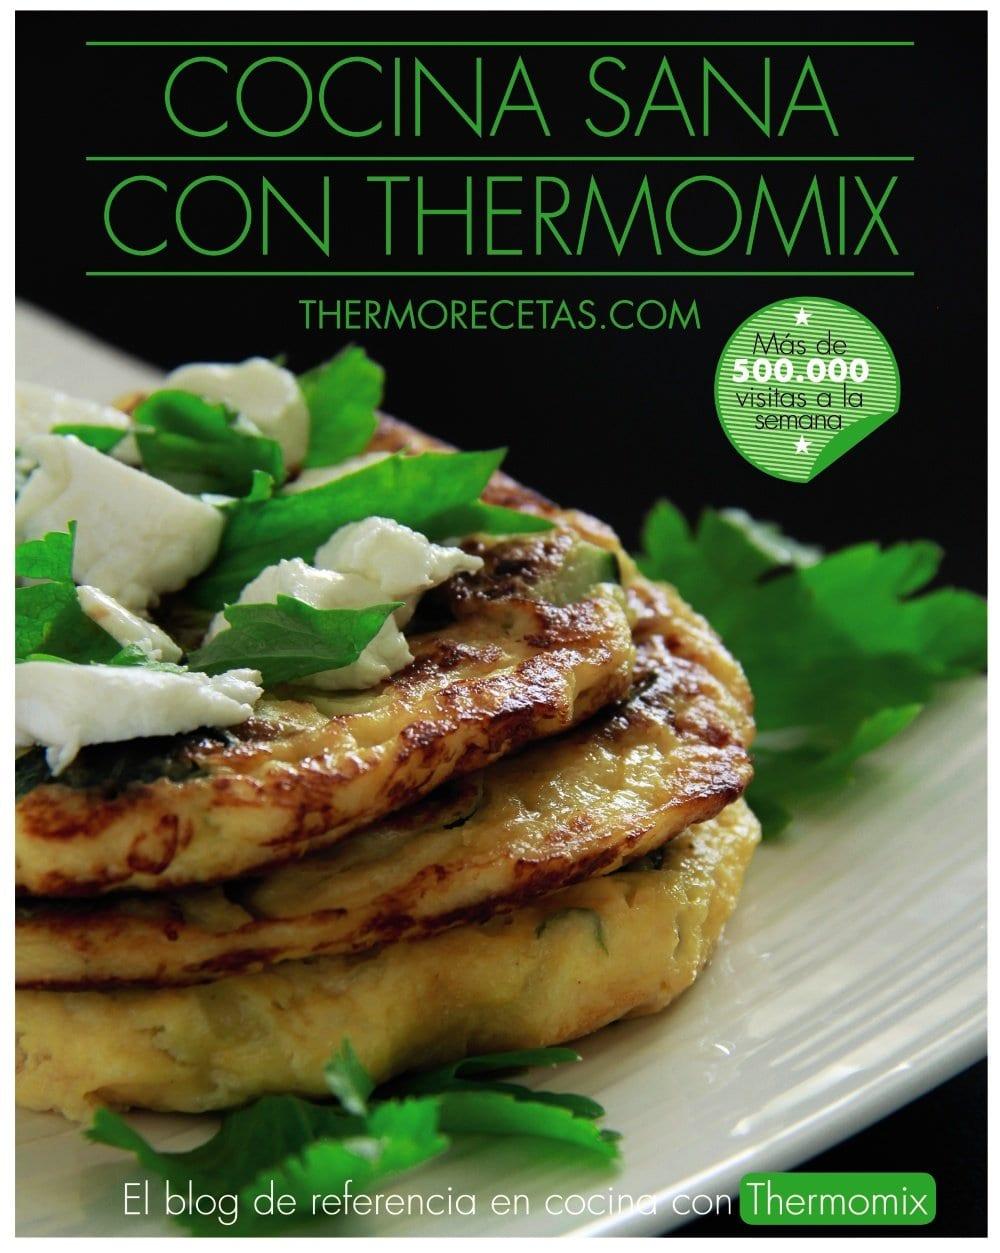 Libro cocina sana con thermomix 100 recetas sanas y sabrosas for Cocina saludable en 30 minutos thermomix